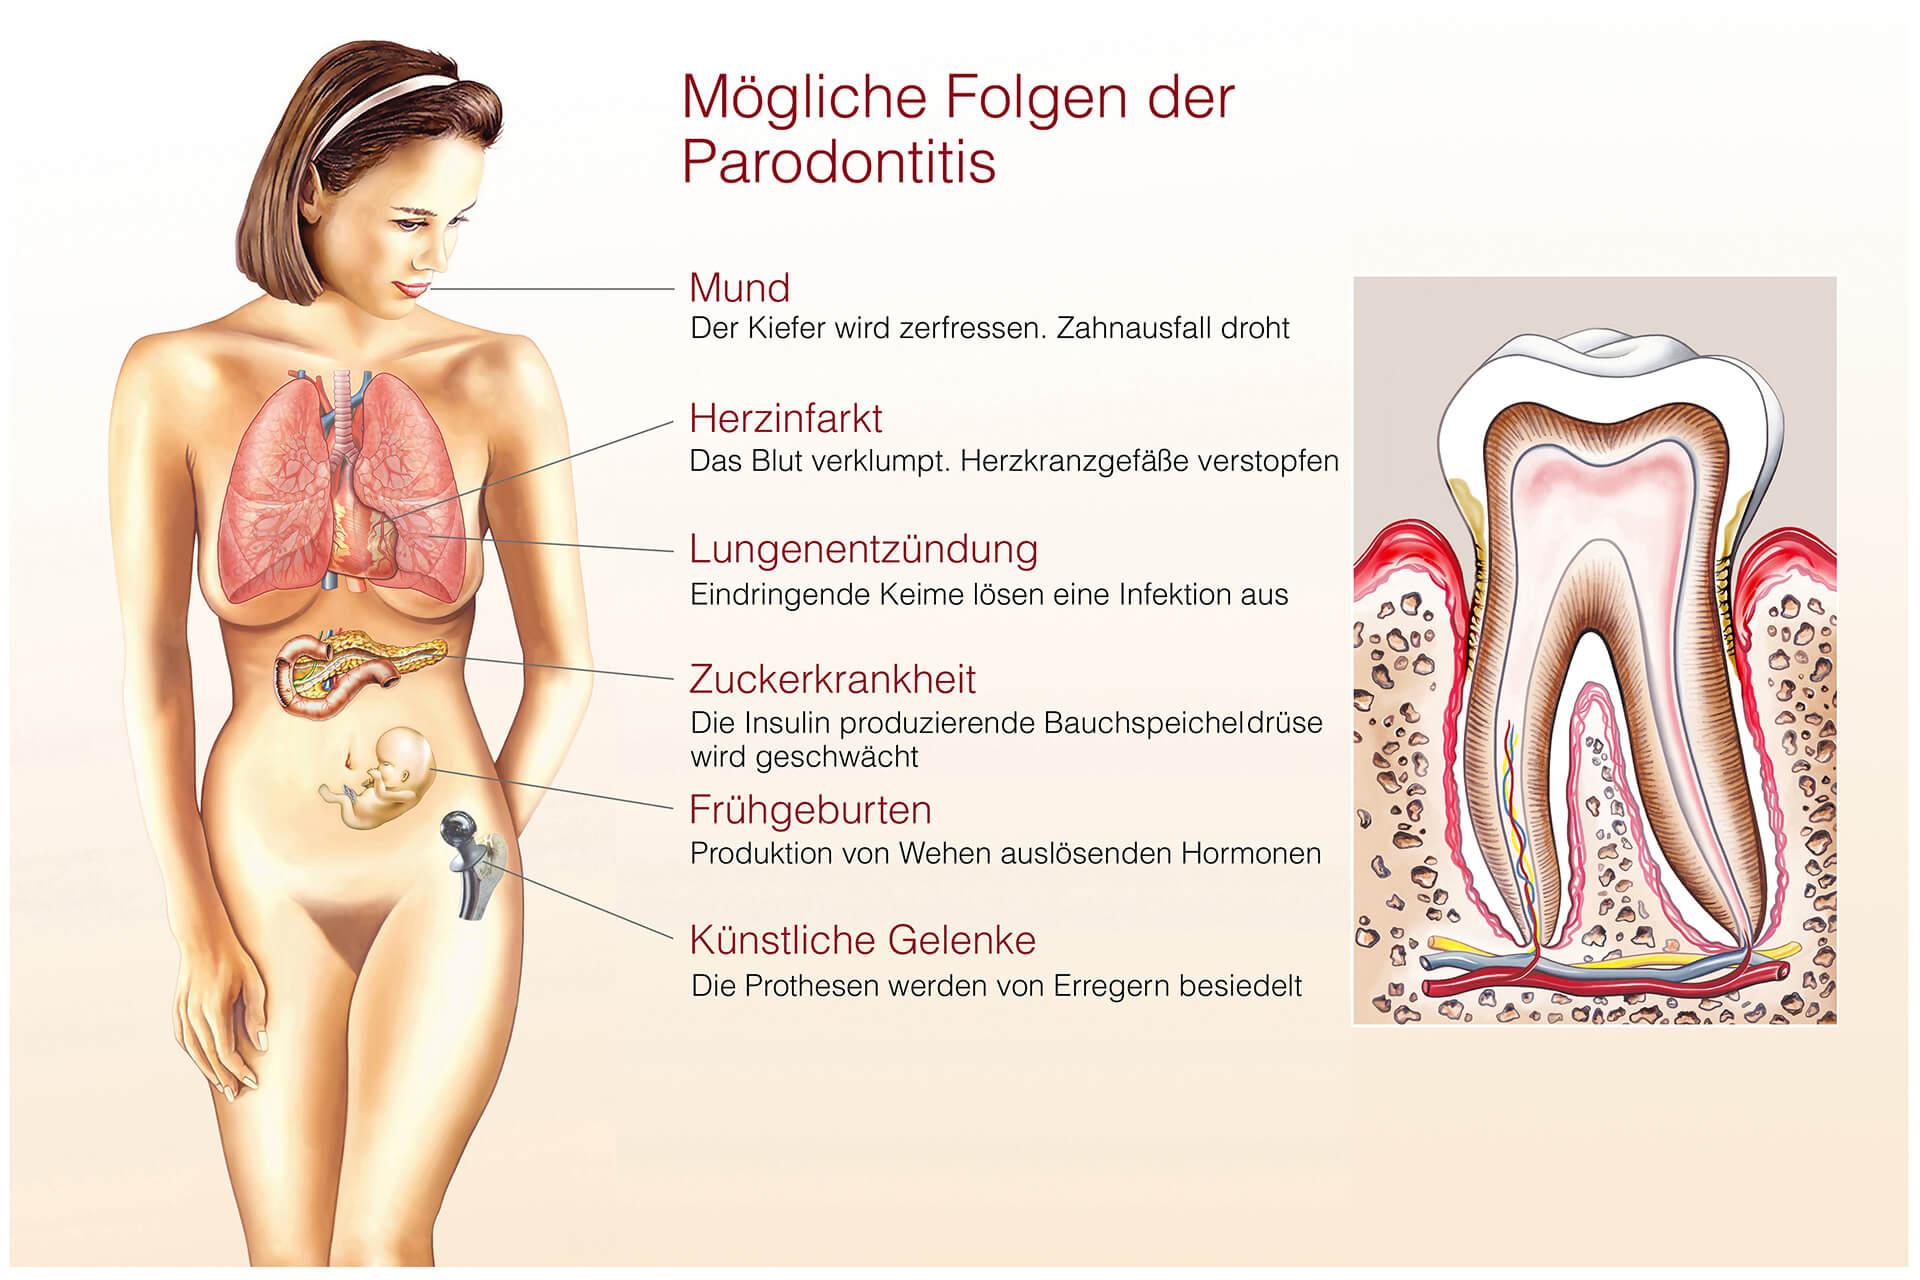 Mögliche Folgen der Parodontitis - die Zahnarztpraxis Jan Vijfvinkel hilft Ihnen